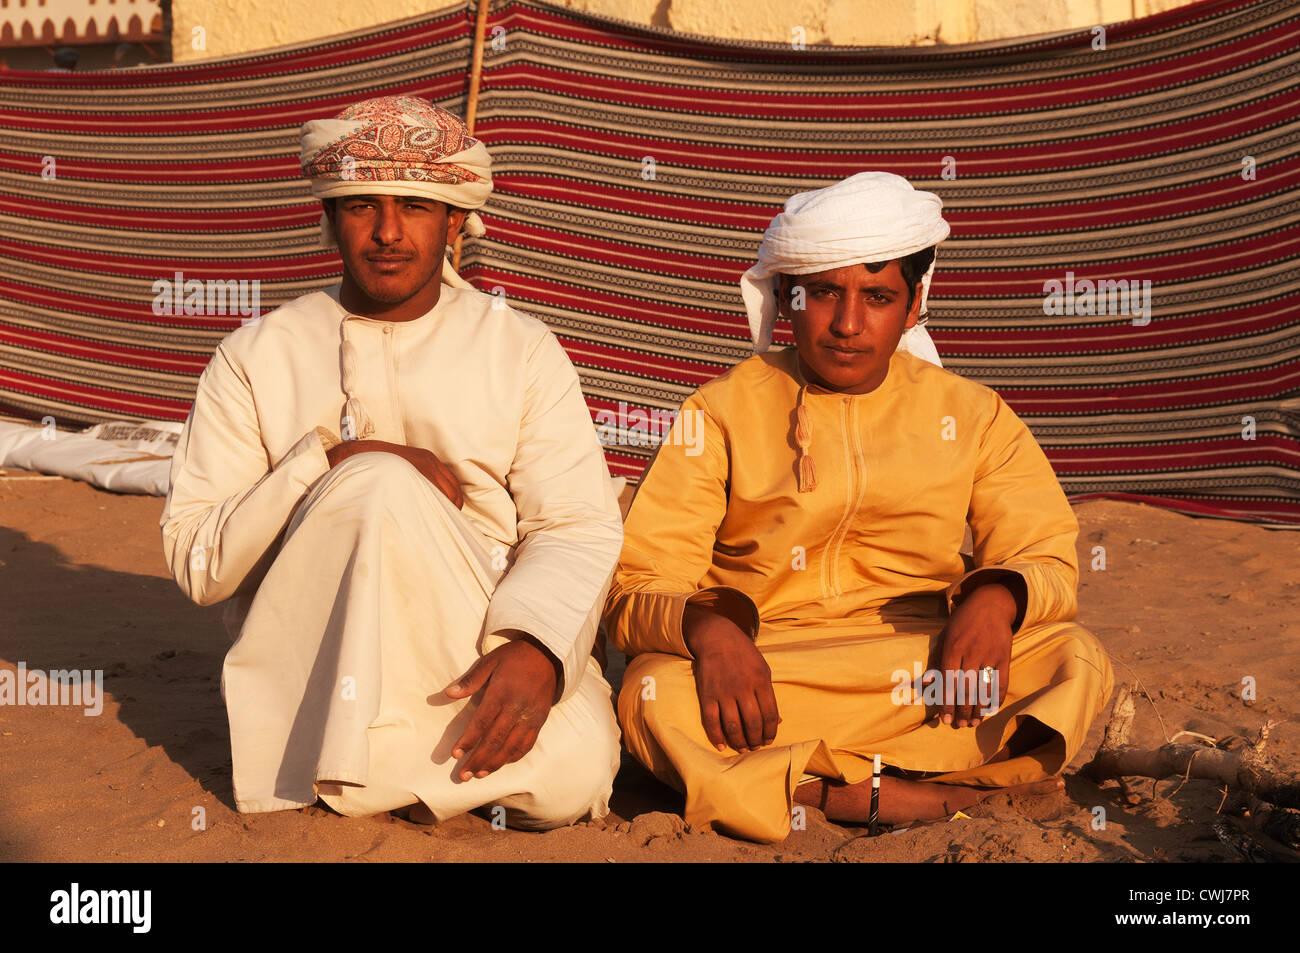 Elk207-1517 Oman, Muscat, Muscat Festival, portrait of Omani teen